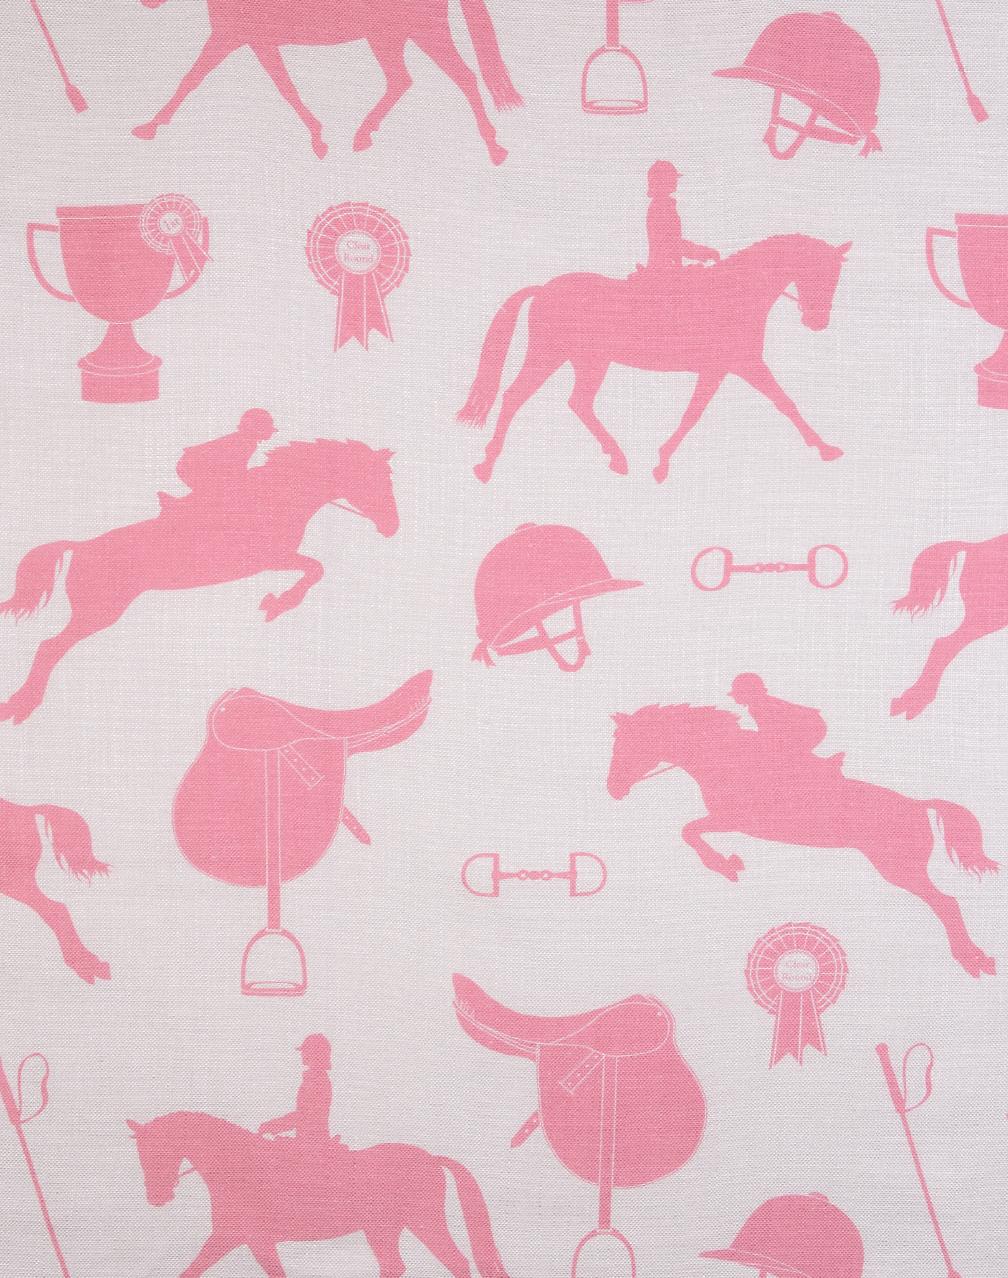 Fantastic Wallpaper Horse Pink - 45ff9d24354acbd0812ad9e3270a98b0  You Should Have_644976.png